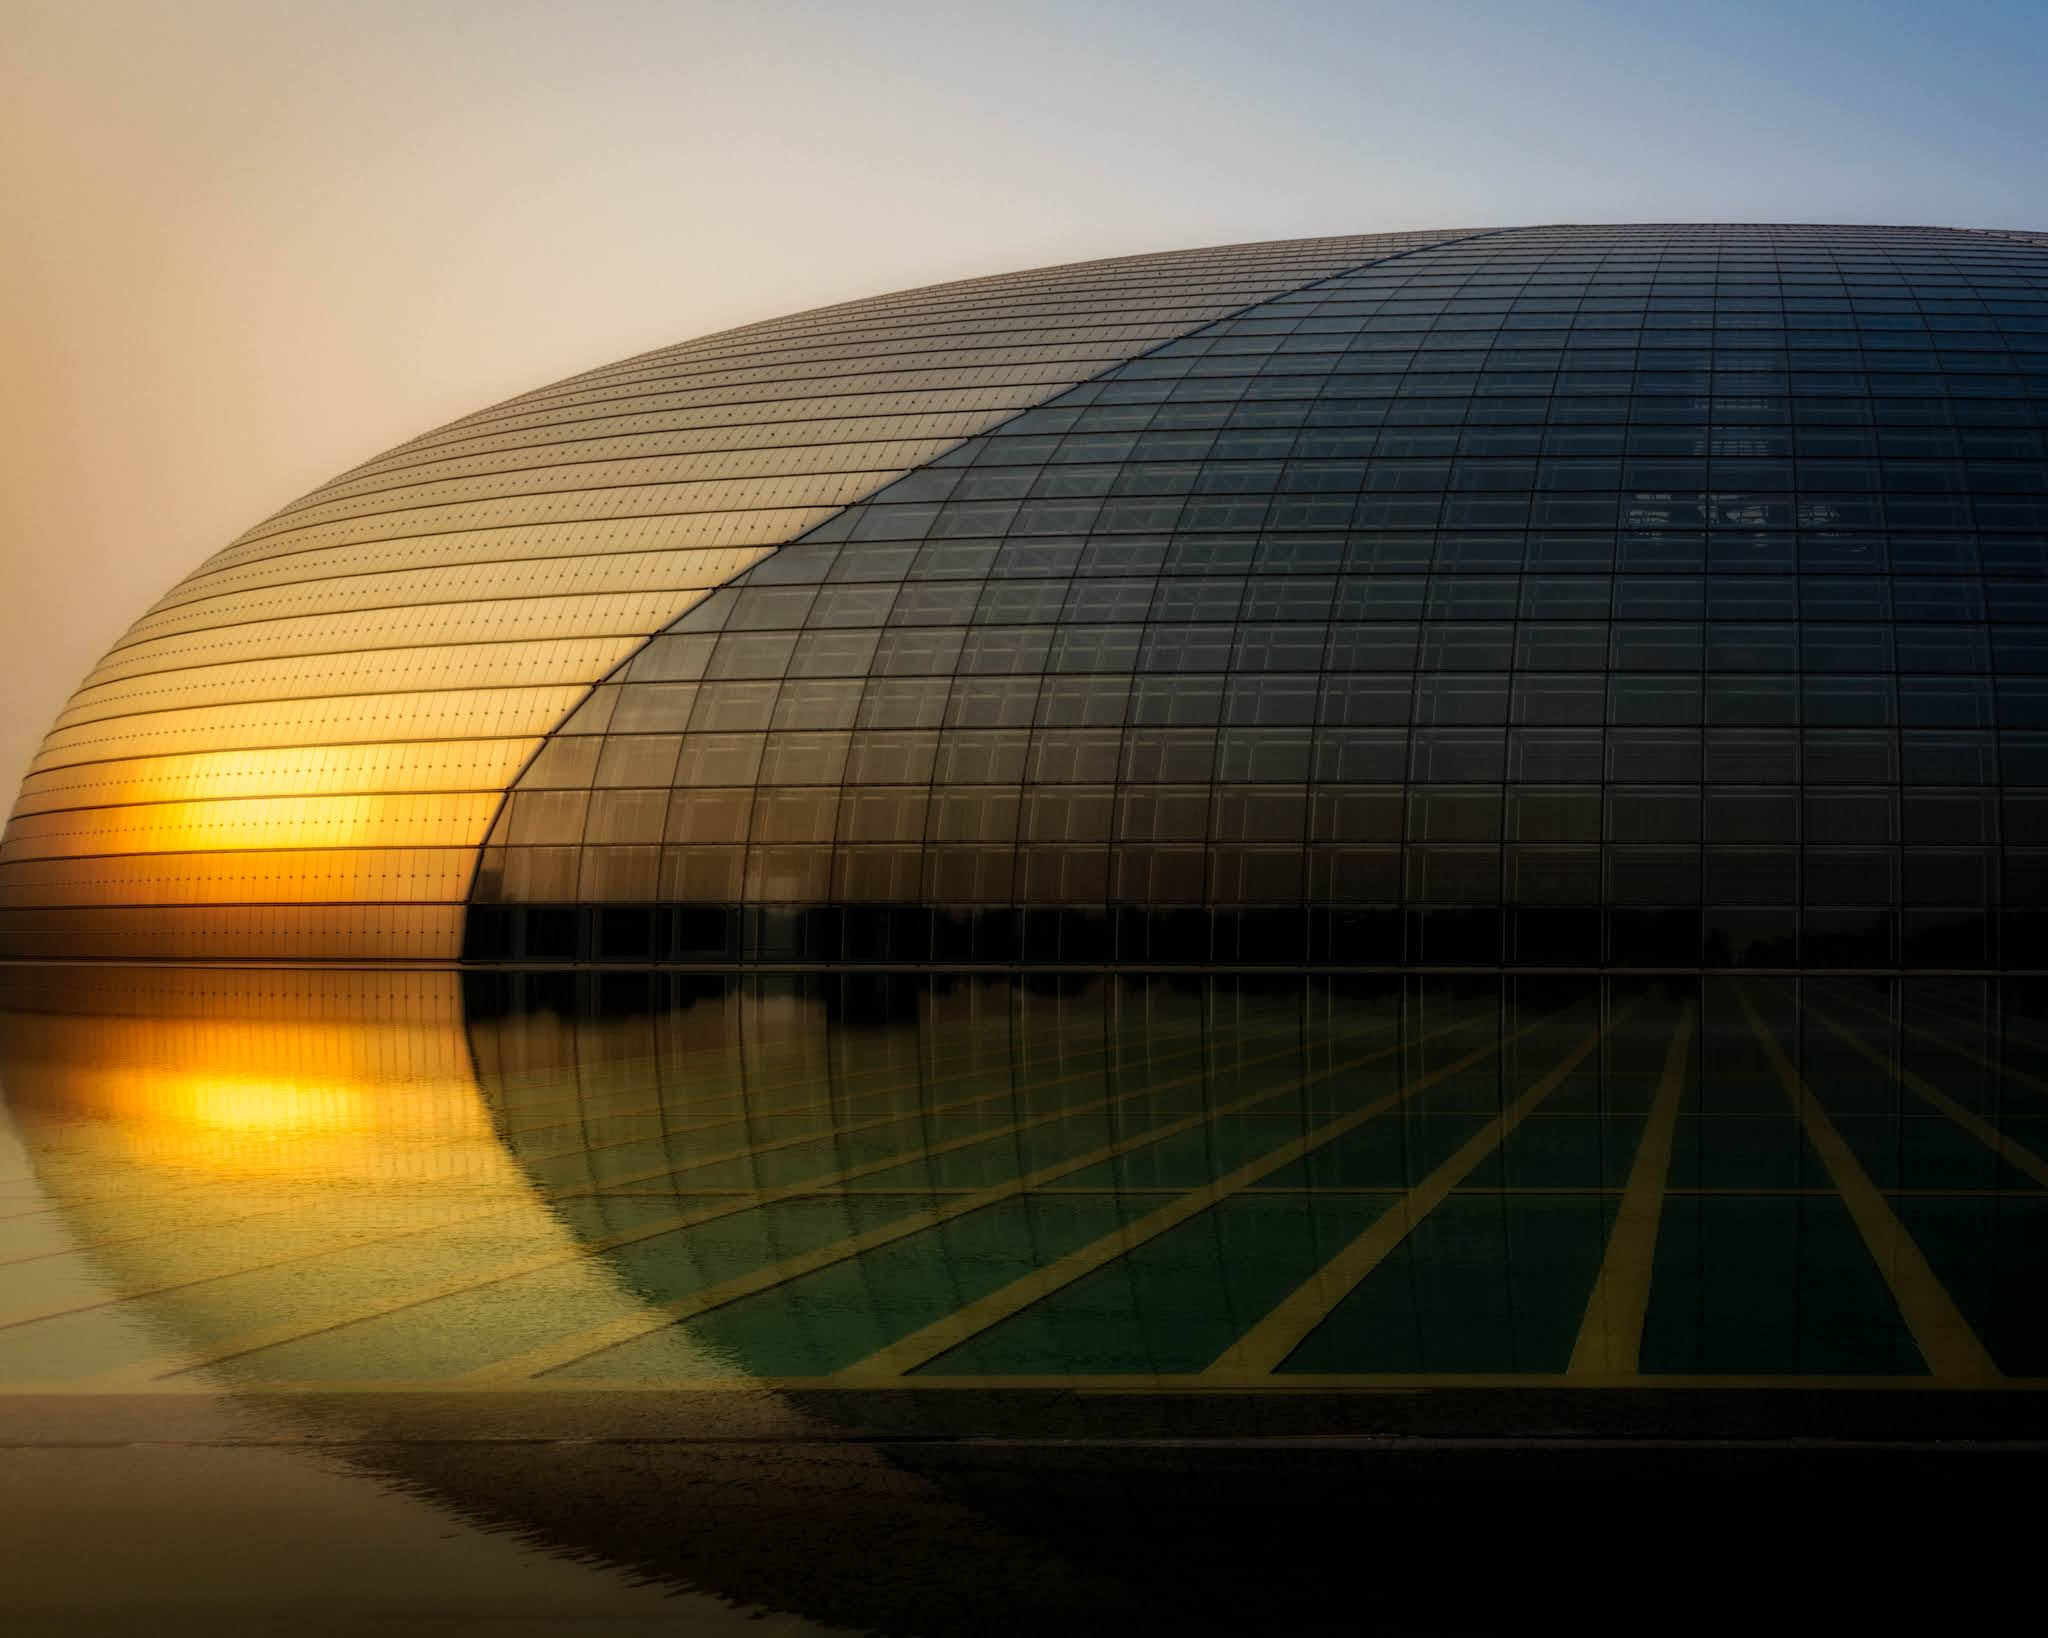 Grande Teatro Nacional da China, um prédio moderno em forma de um ovo gigantesco